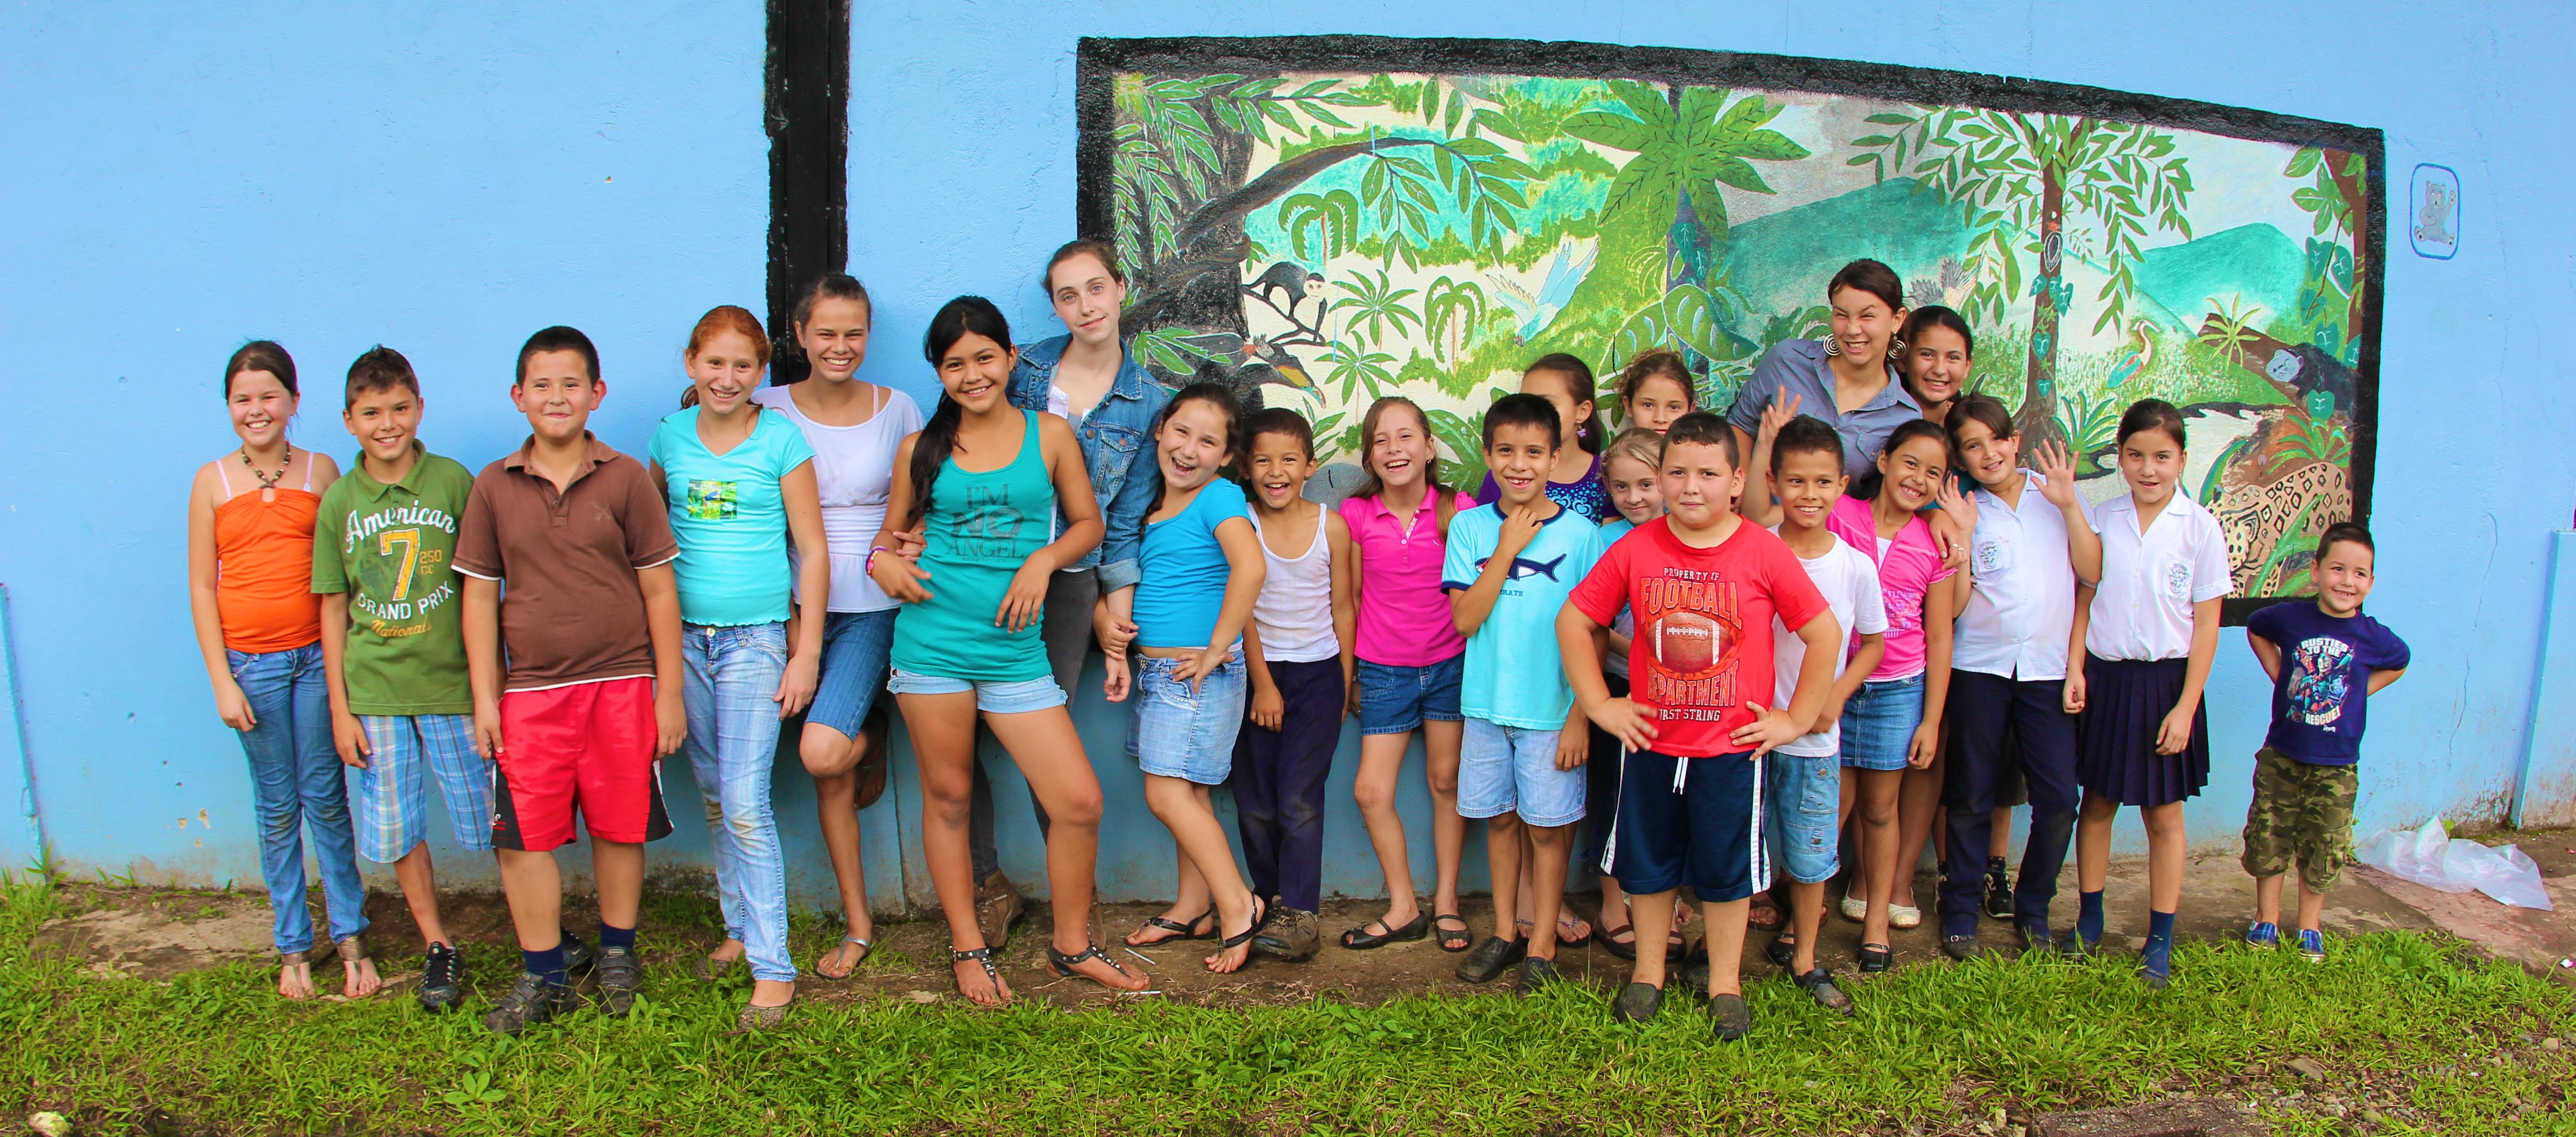 Summer Program - Promoting Volunteerism   Amigos de las Americas